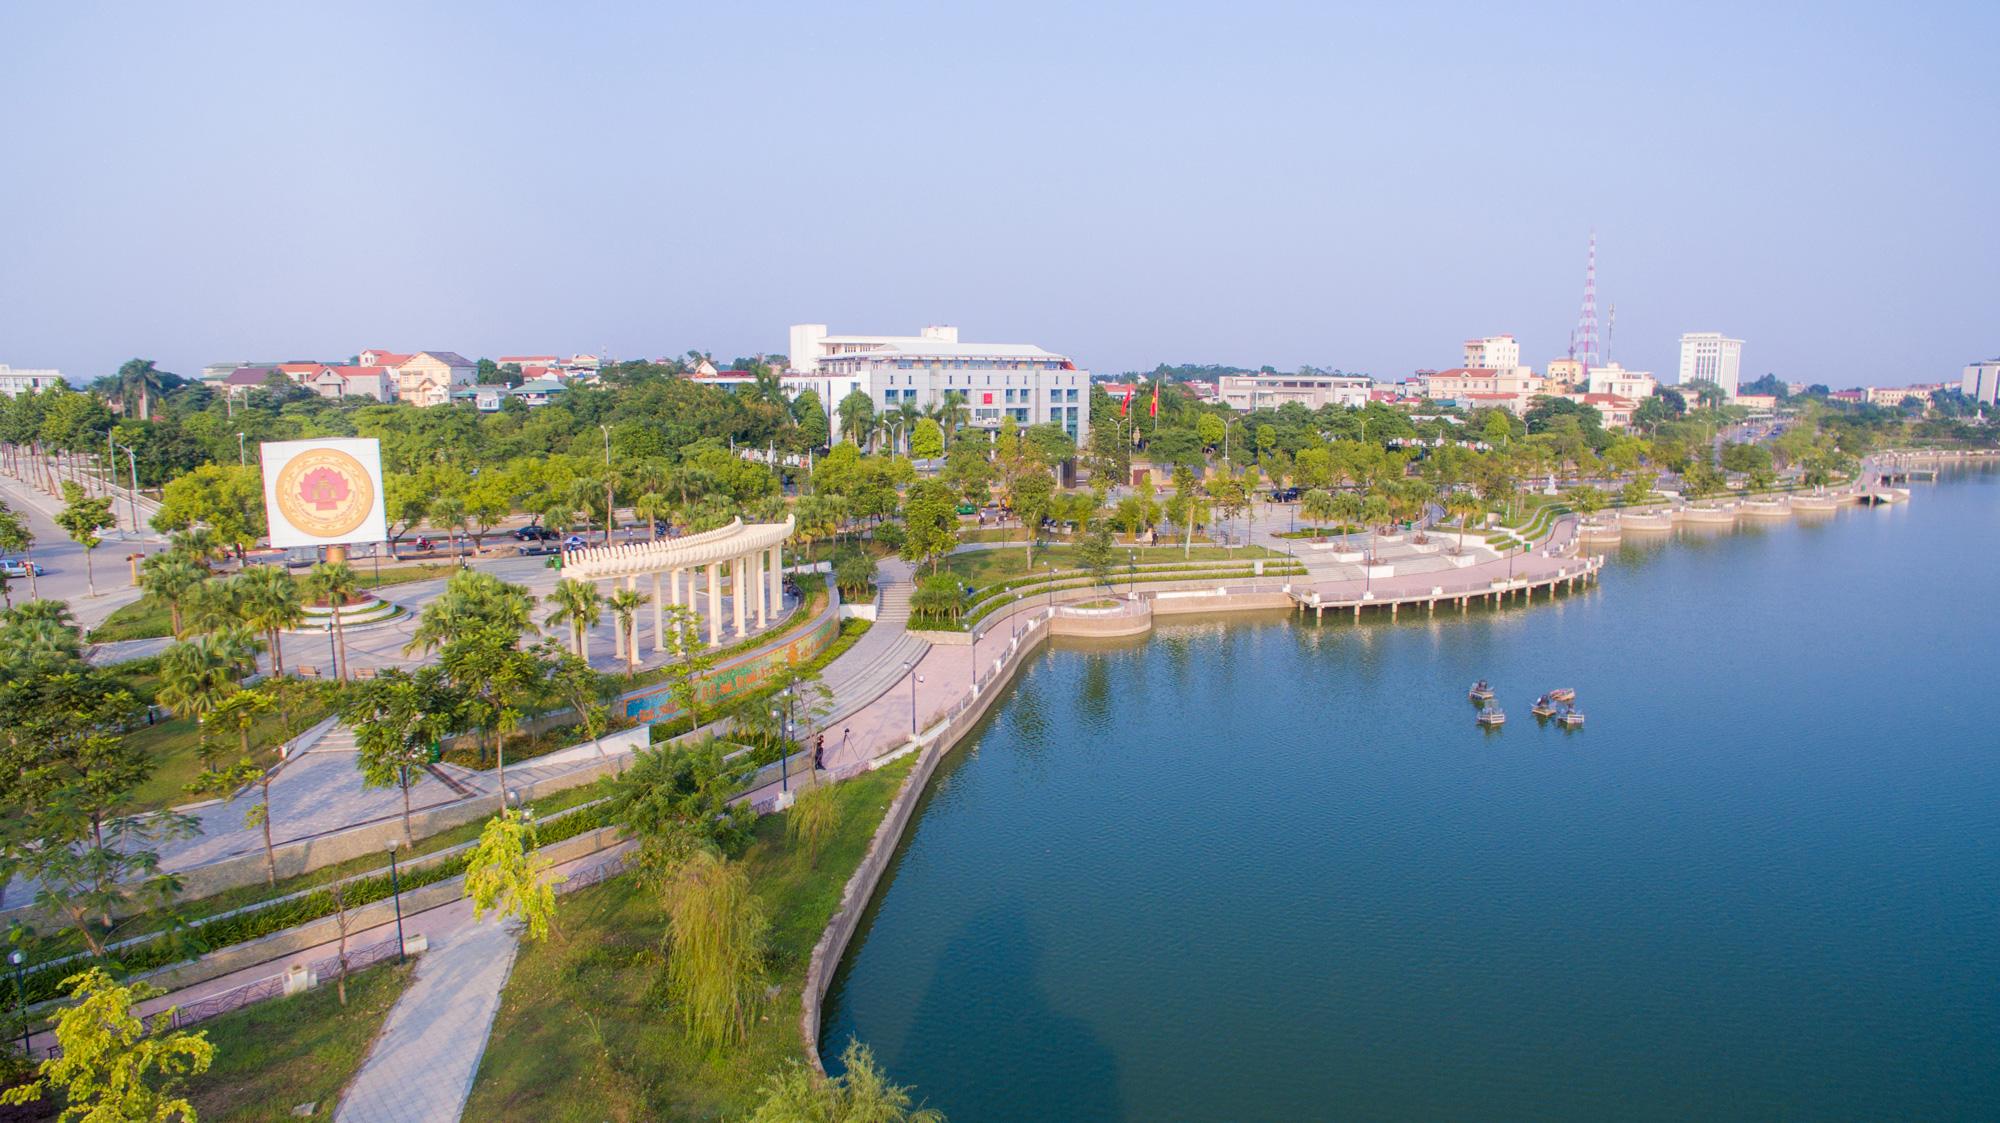 Ý tưởng thiết kế cảnh quan quảng trường Lá Cọ- thuộc công viên Văn Lang, hình ảnh gợi nhớ về những chứng tích trong lịch sử ở vùng đất văn hóa như trống đồng cổ, họa tiết hạc cổ.